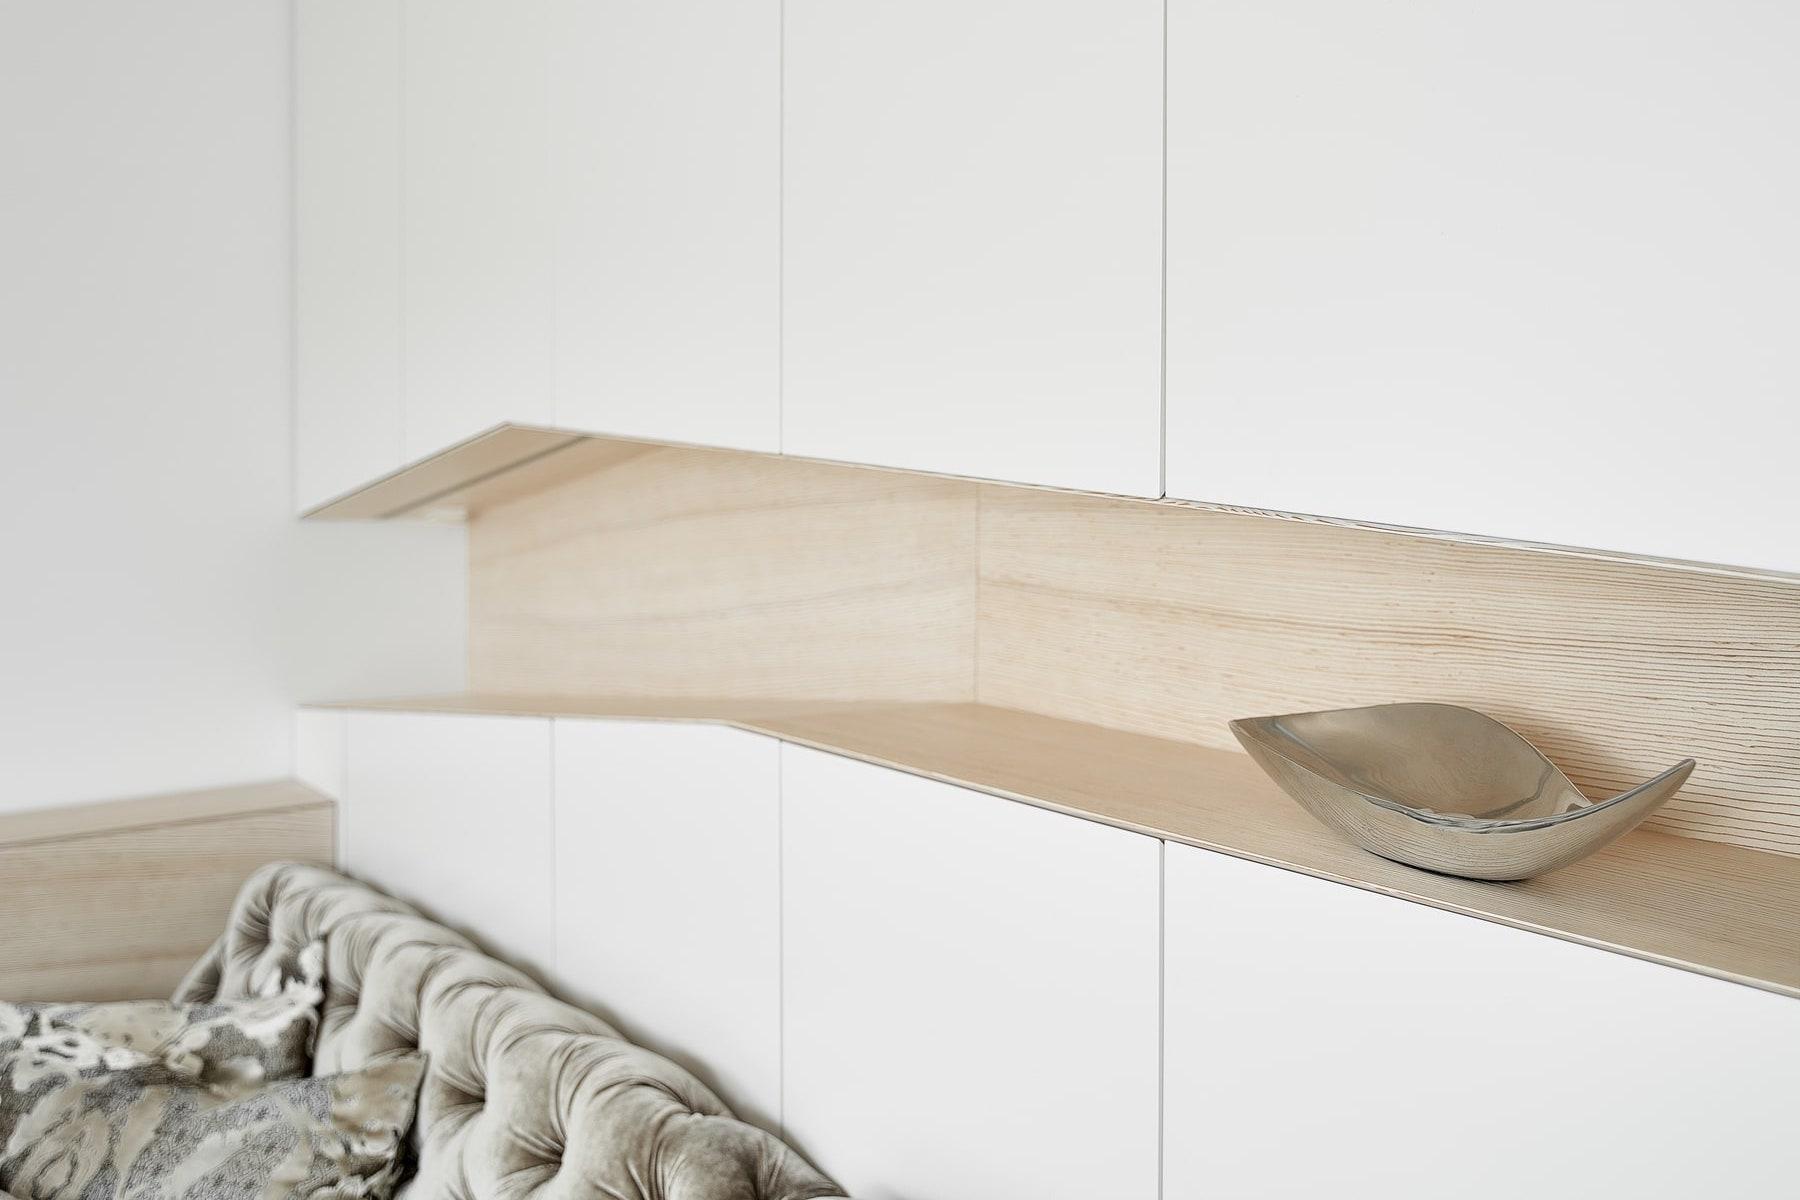 1800x1200-Jarisch Küche Wohnzimmer0818